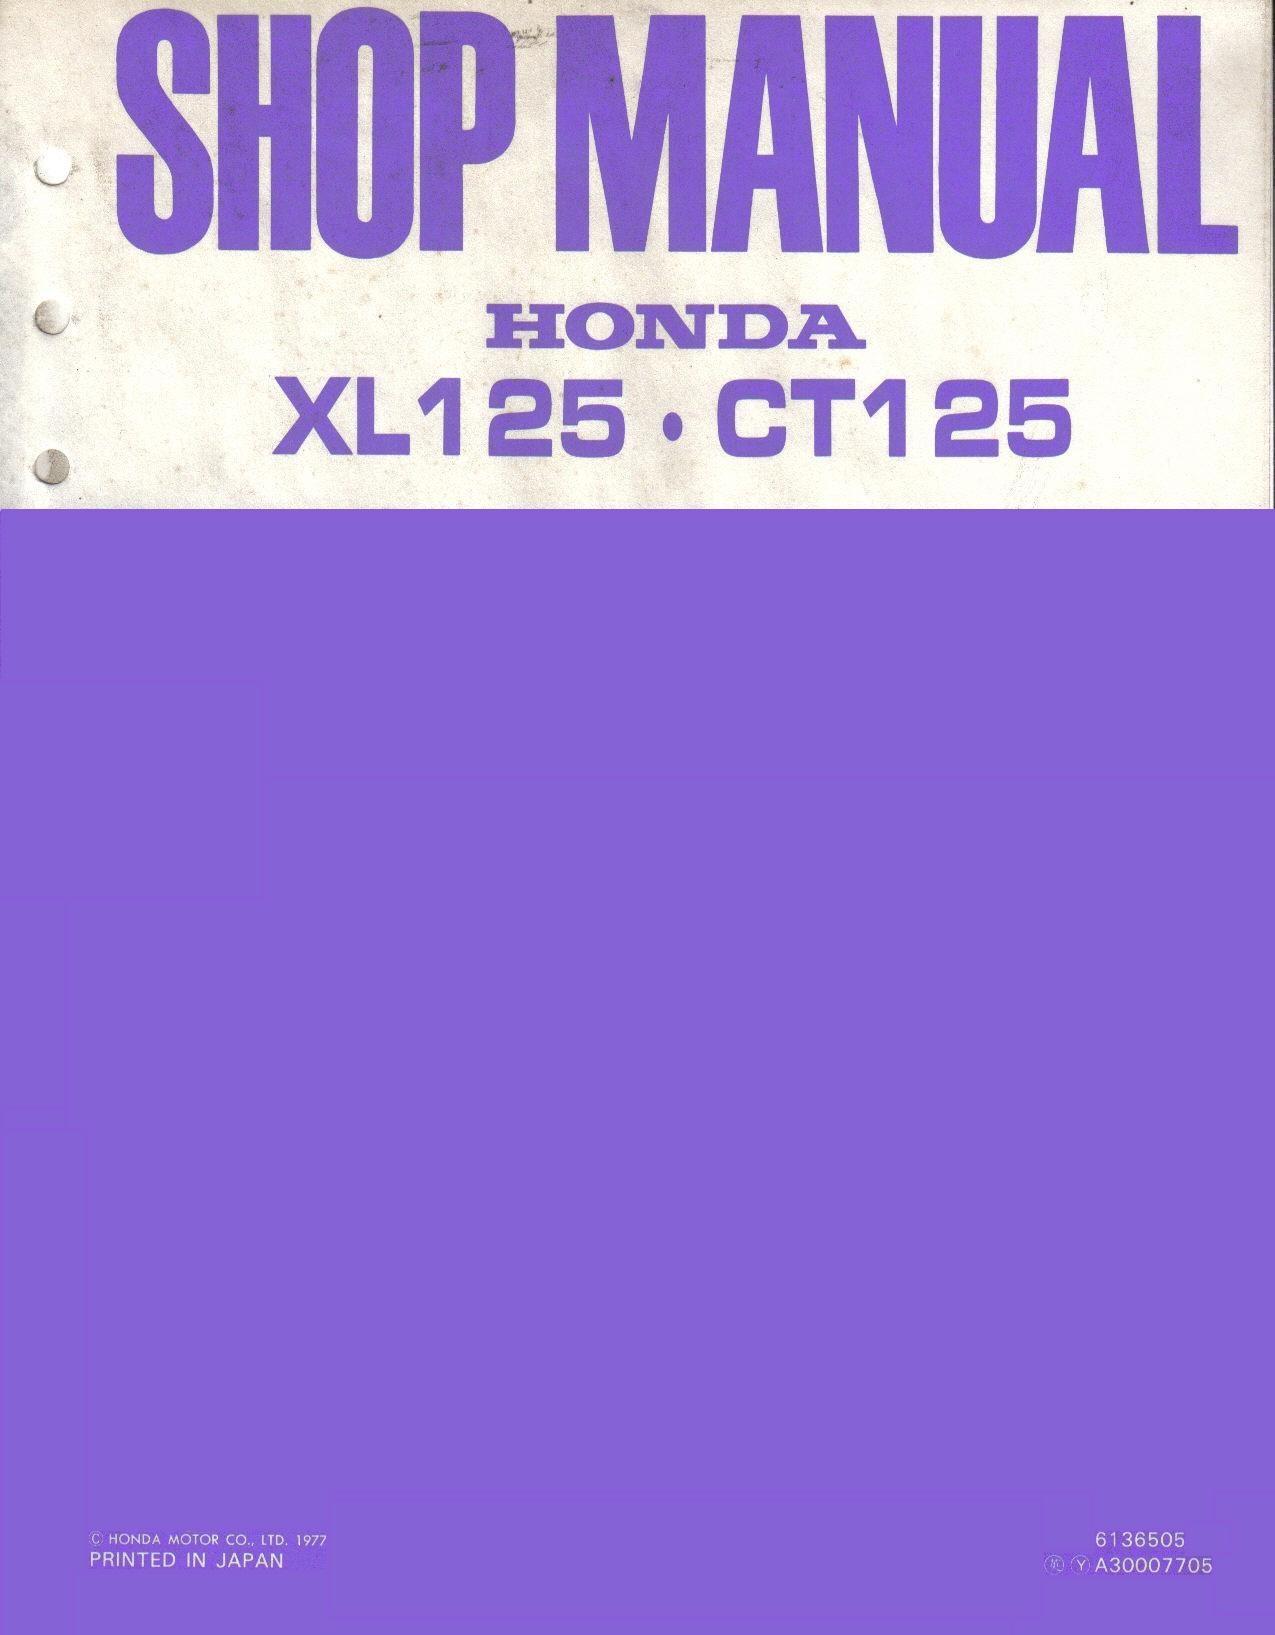 Workshop manual for Honda CT125 (1976-1977)